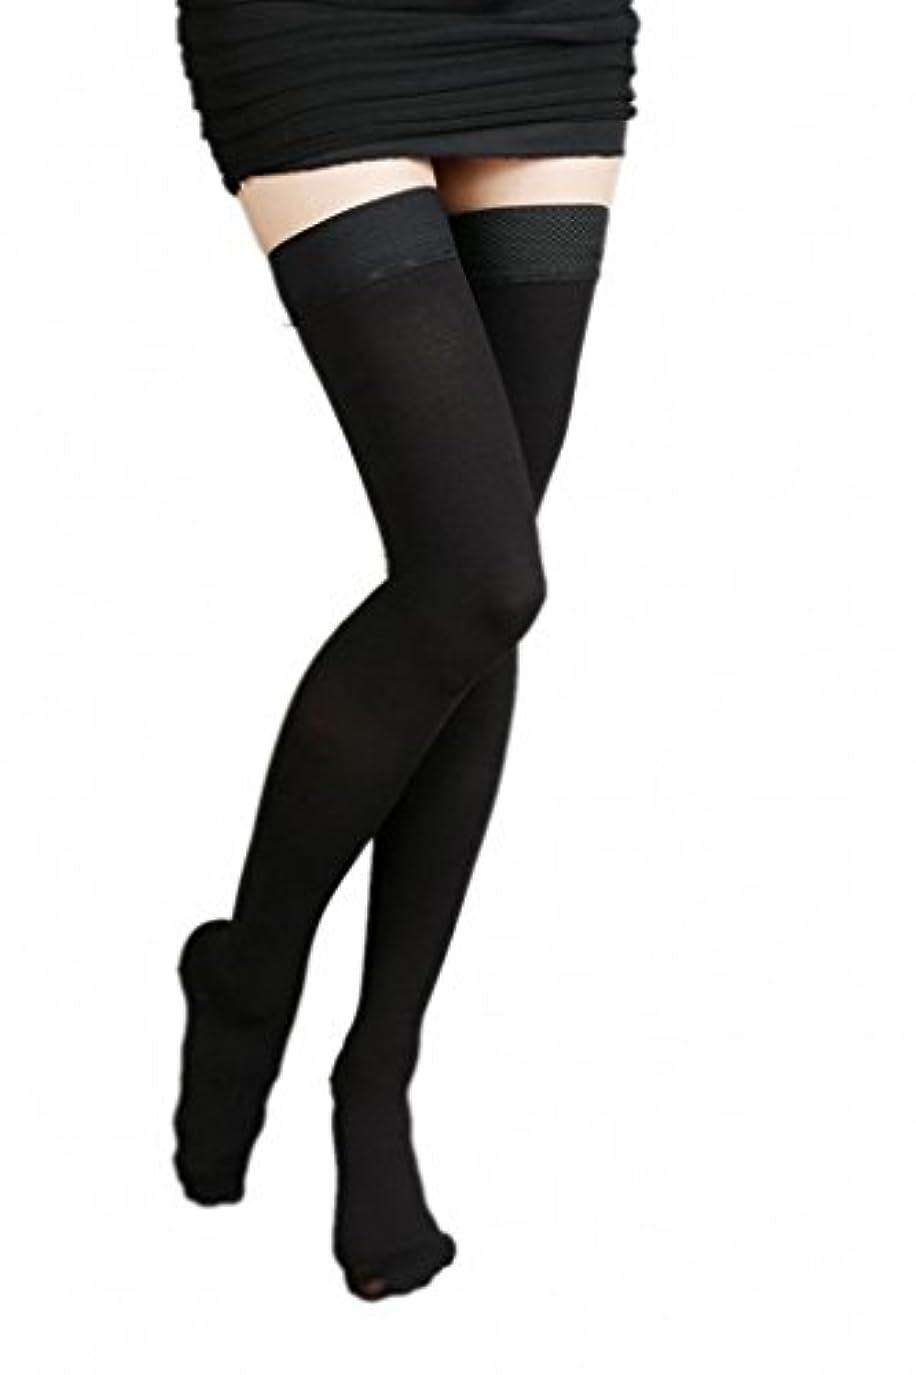 アラビア語一握りチート(ラボーグ)La Vogue 美脚 着圧オーバーニーソックス ハイソックス 靴下 弾性ストッキング つま先あり着圧ソックス XL 3級強圧 黒色